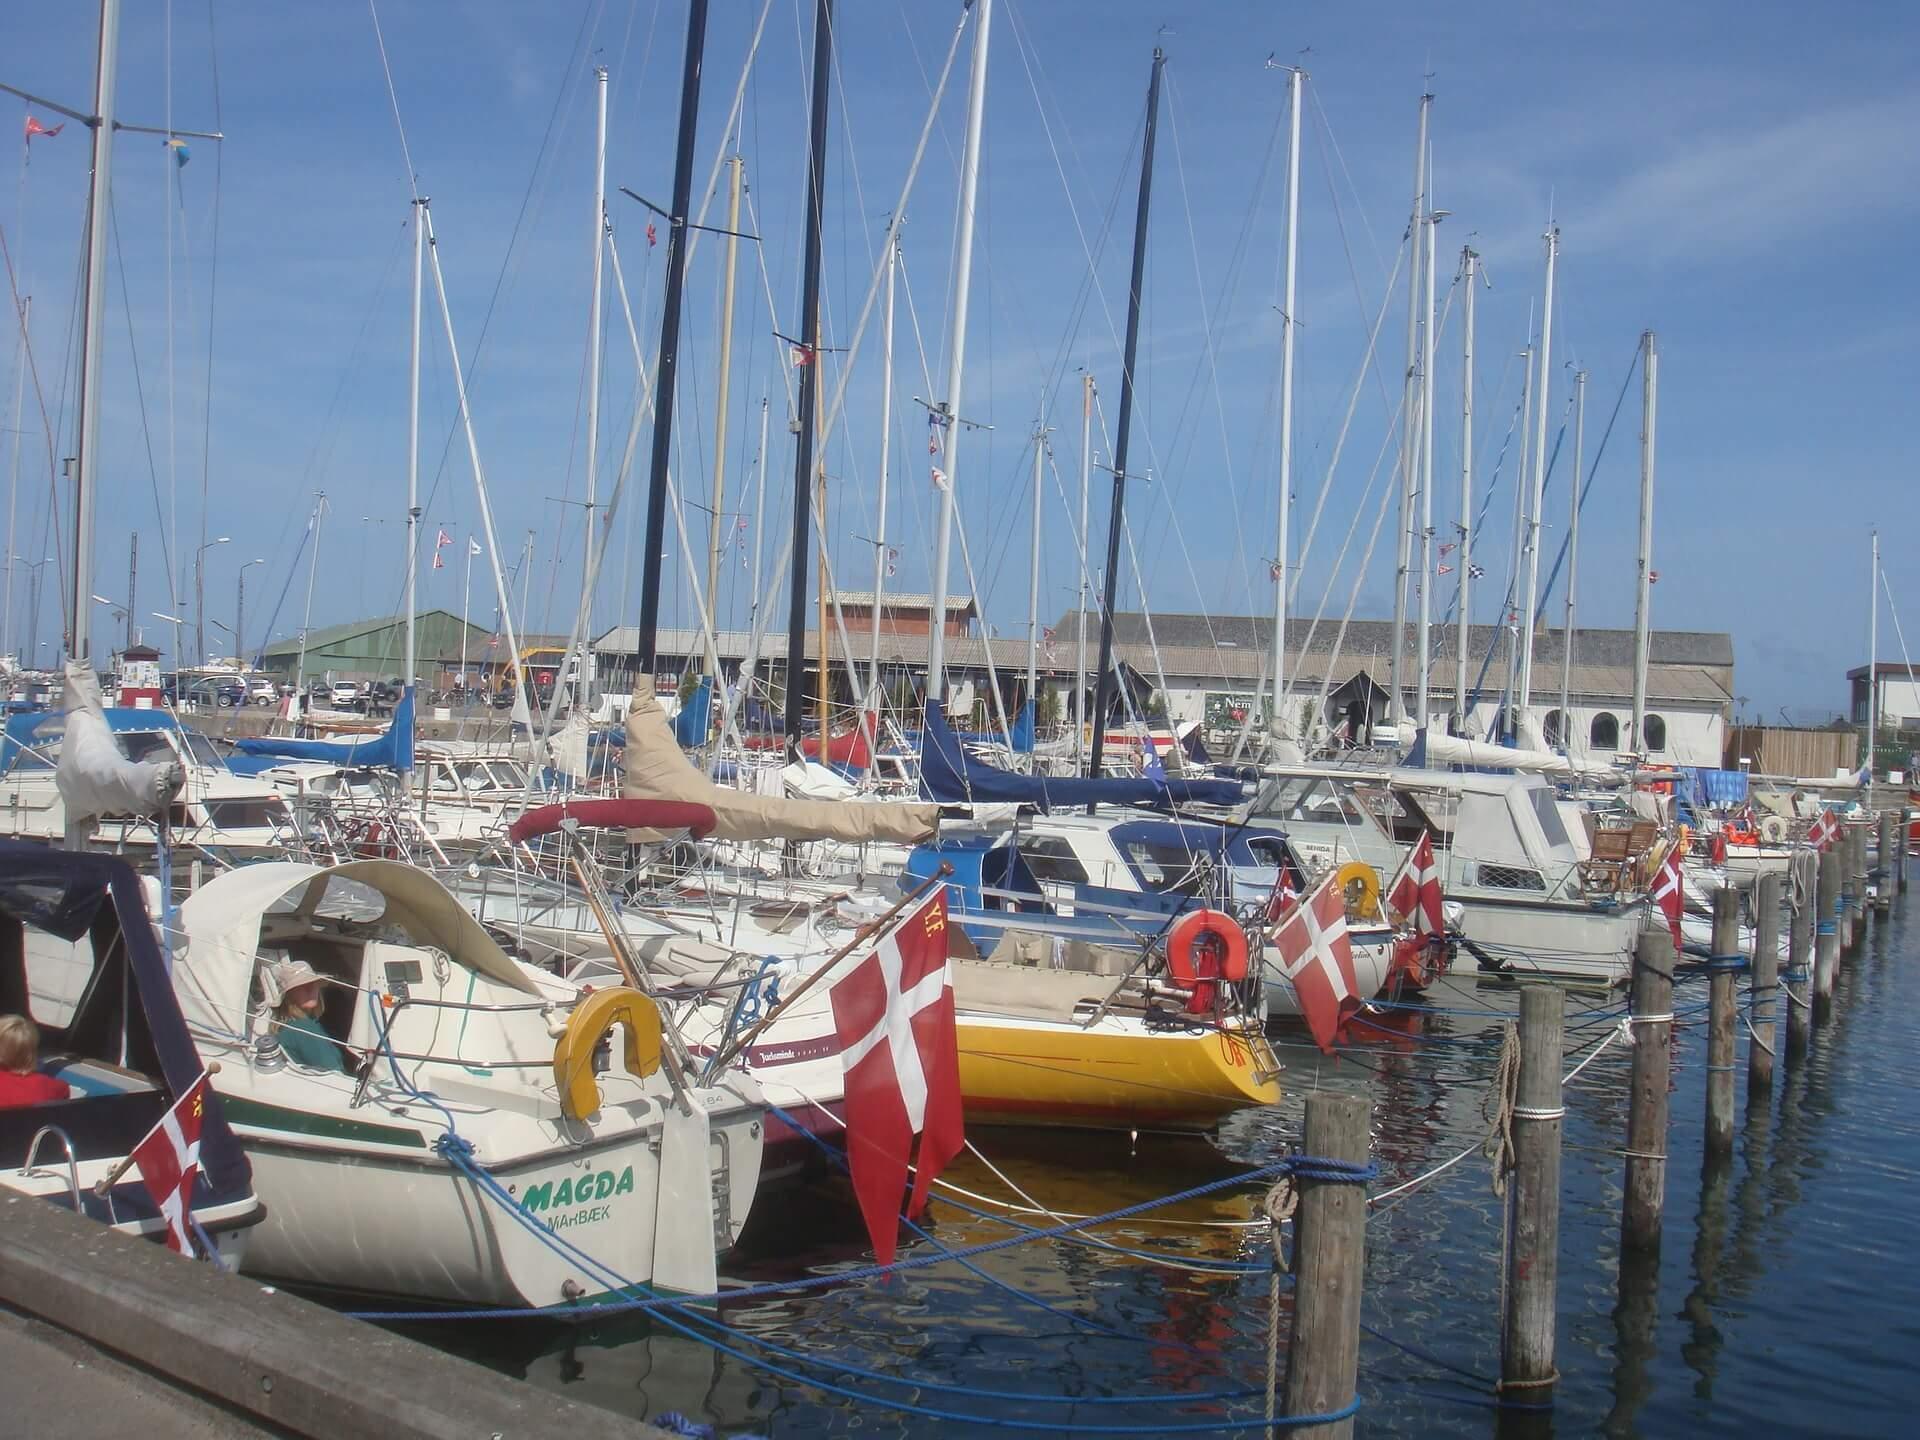 Hundested Hafen in Dänemark